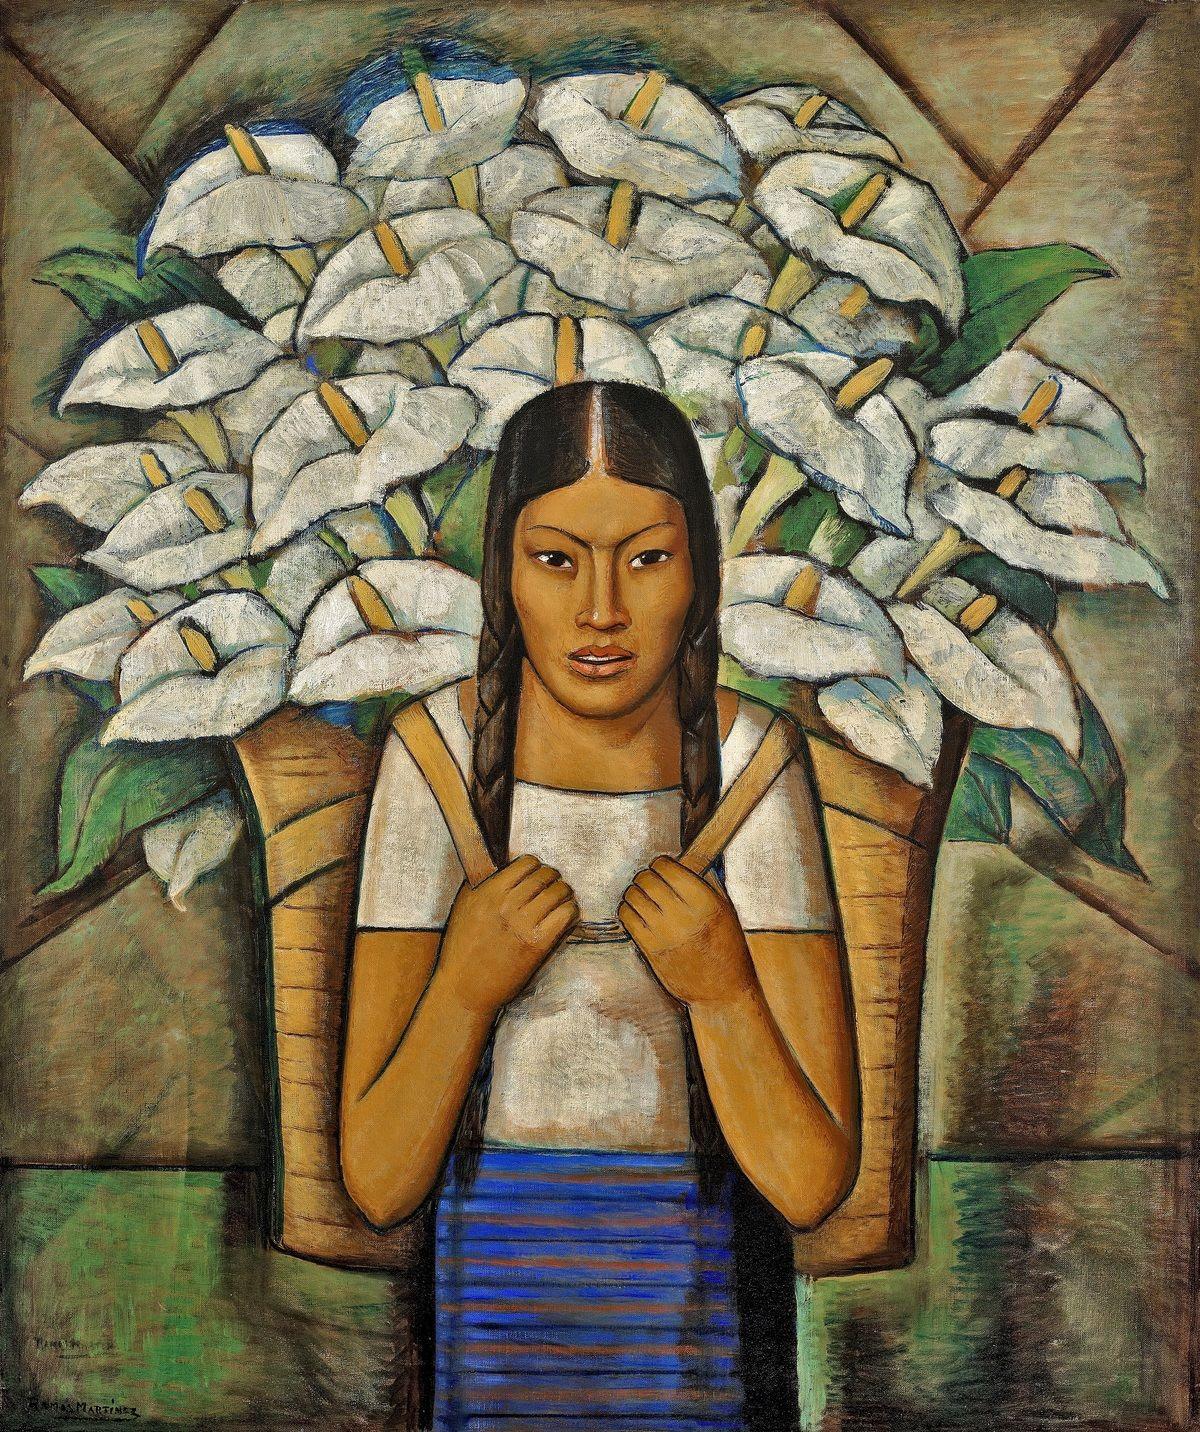 Alfredo Ramos Martínez, Calla Lily Vendor, 1929.